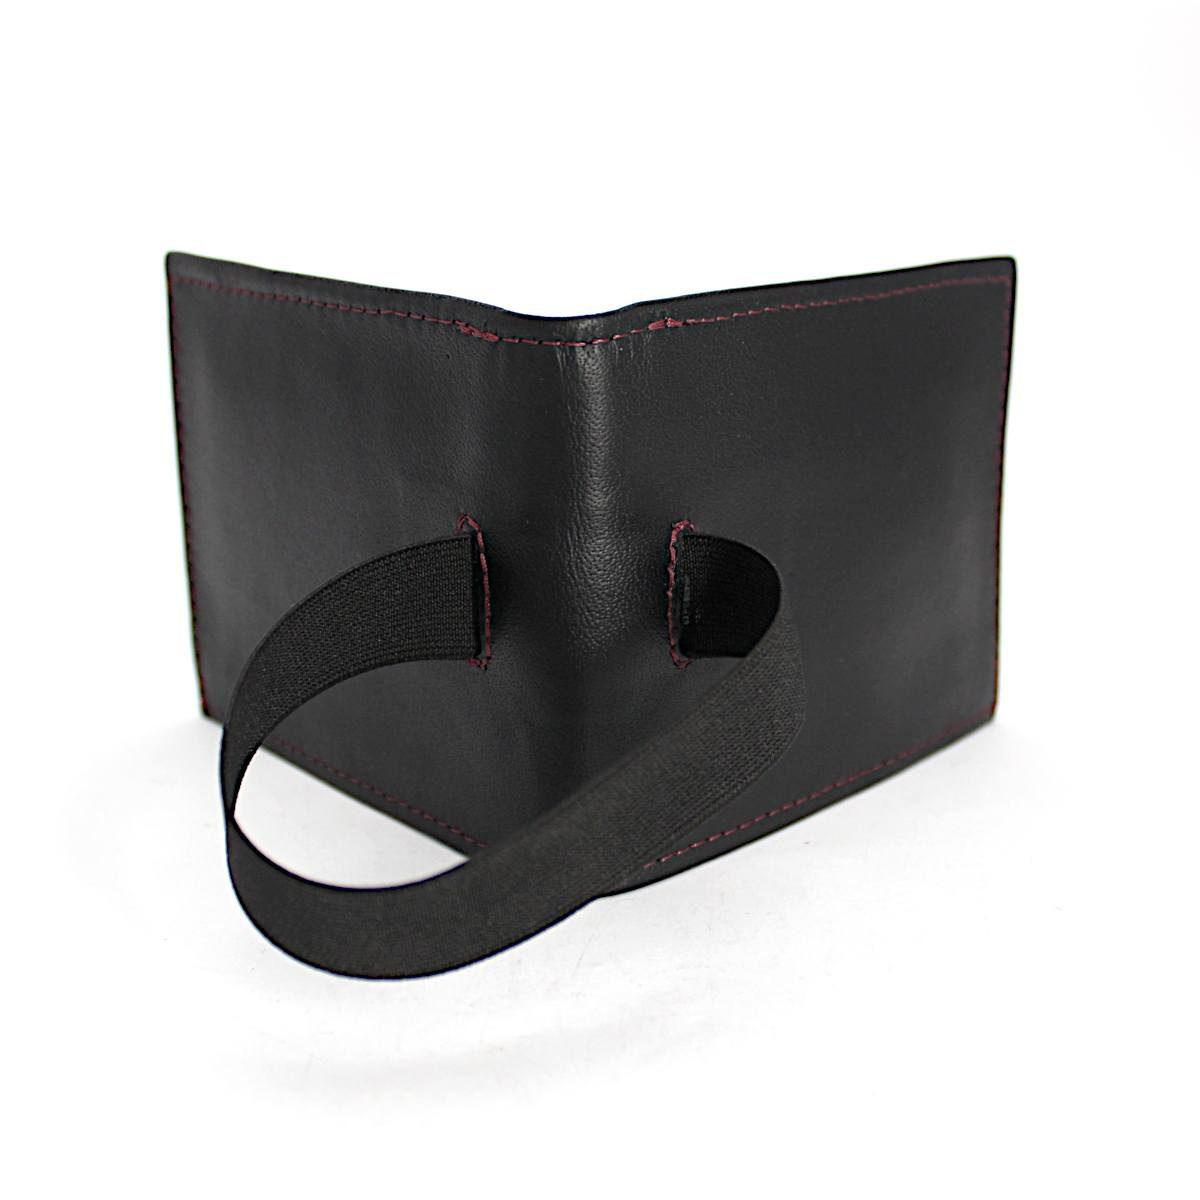 ръчно изработен черен мъжки портфейл-картодържач отзад